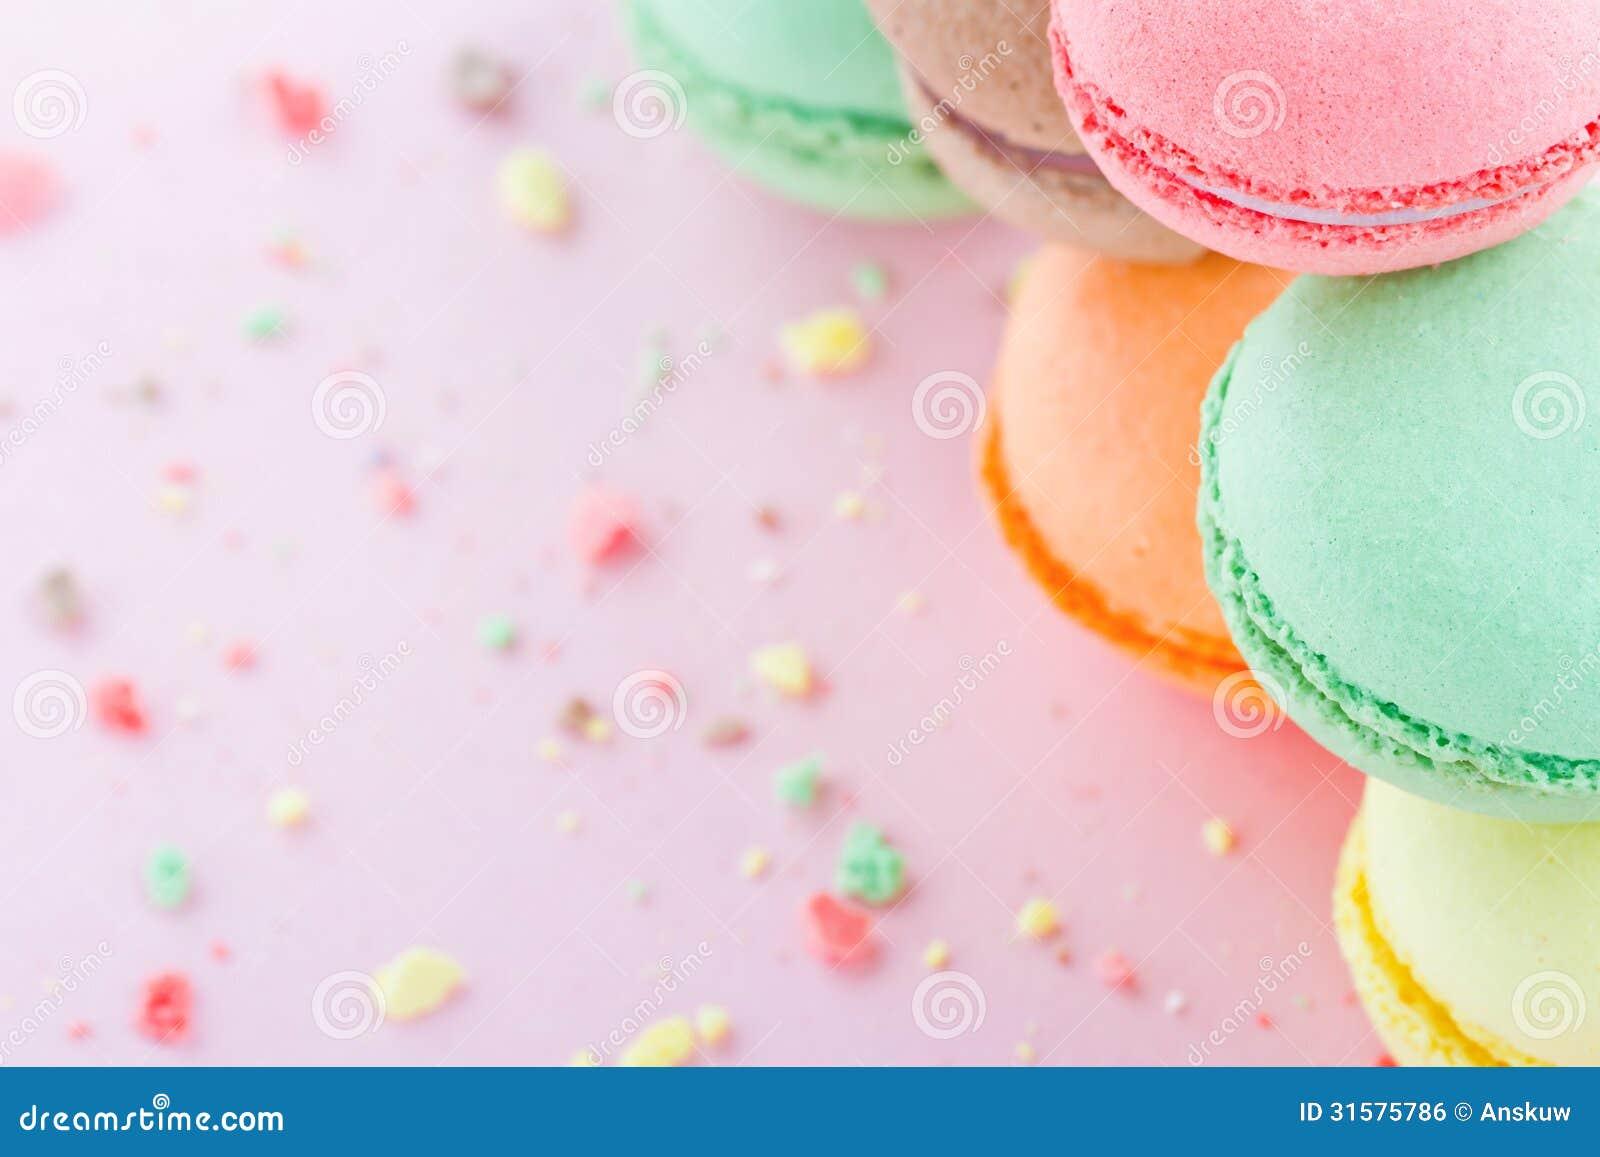 Macaroons on pastel pink background stock photo image - Pastel macaroons wallpaper ...